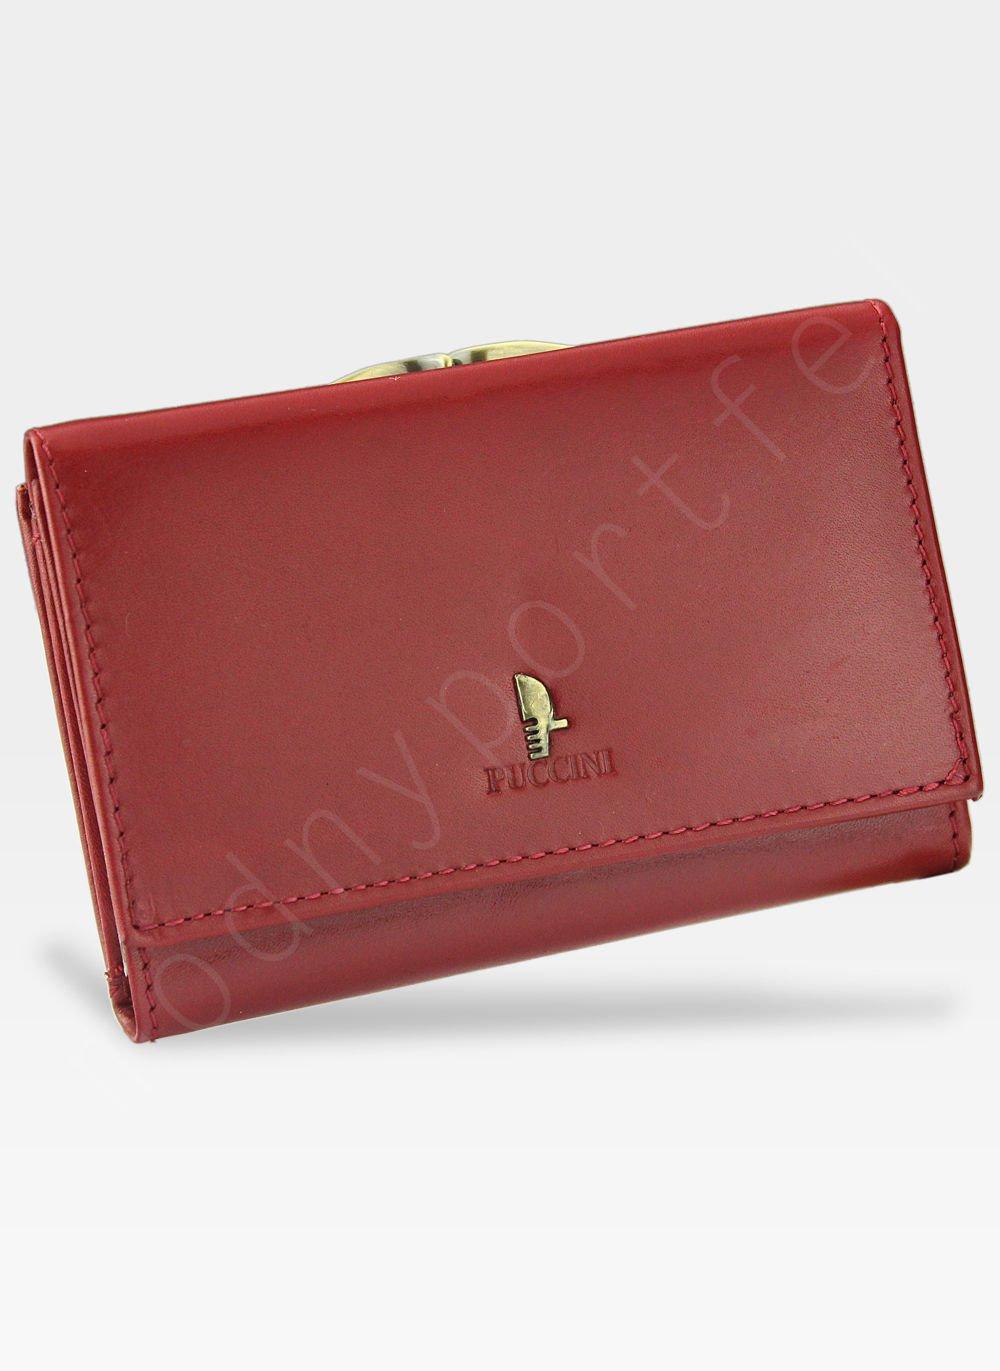 0e090e3fb6c7c Kliknij, aby powiększyć; Portfel Damski Skórzany PUCCINI Klasyczny Czerwony  z Biglem 1950P Średni